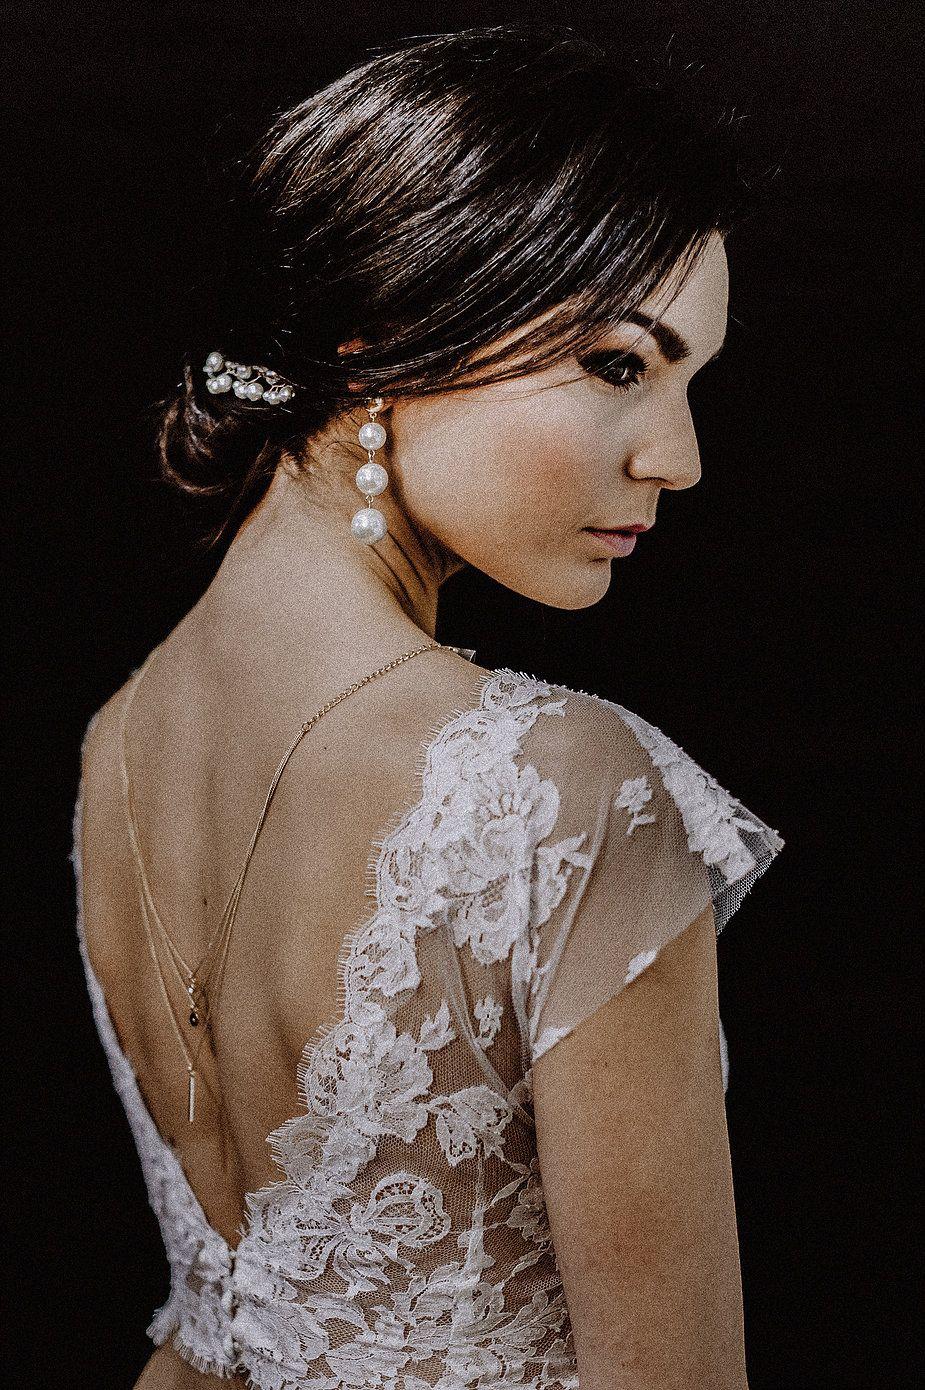 Den Ganzen Artikel Findet Ihr Auf Thetruebride Com Braut Bride